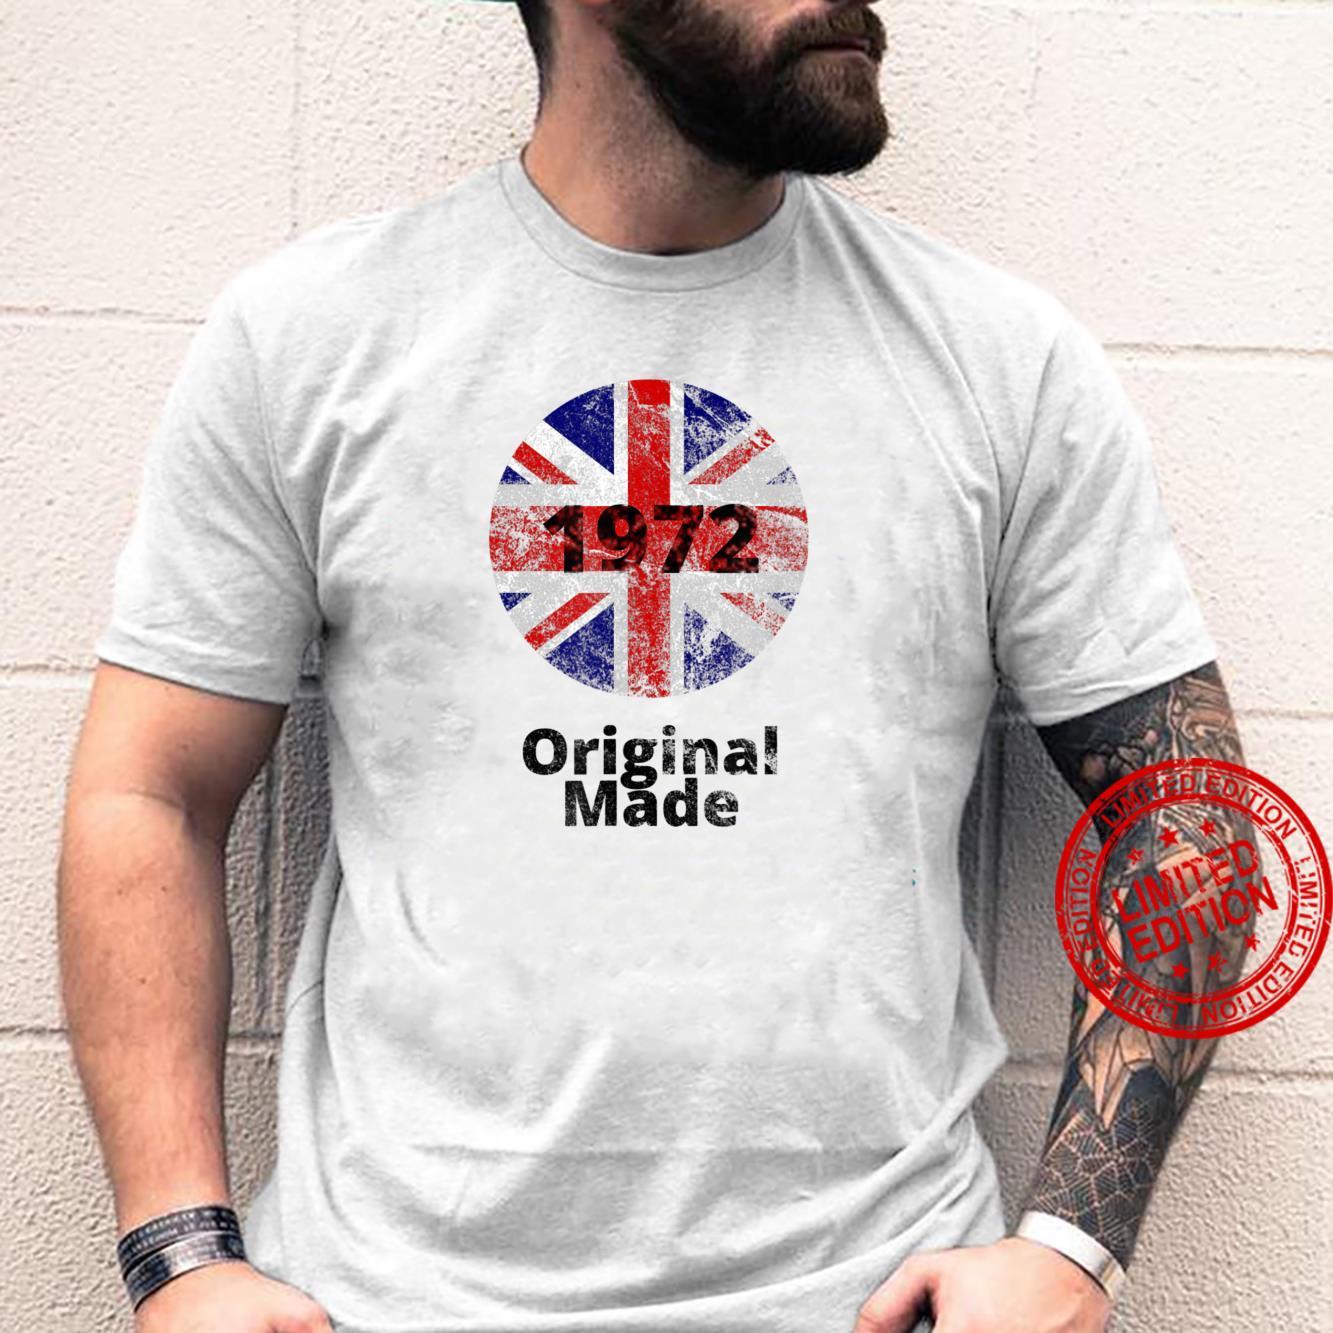 Union Jack 1972 Original Made Logo Retro Vintage Look Shirt